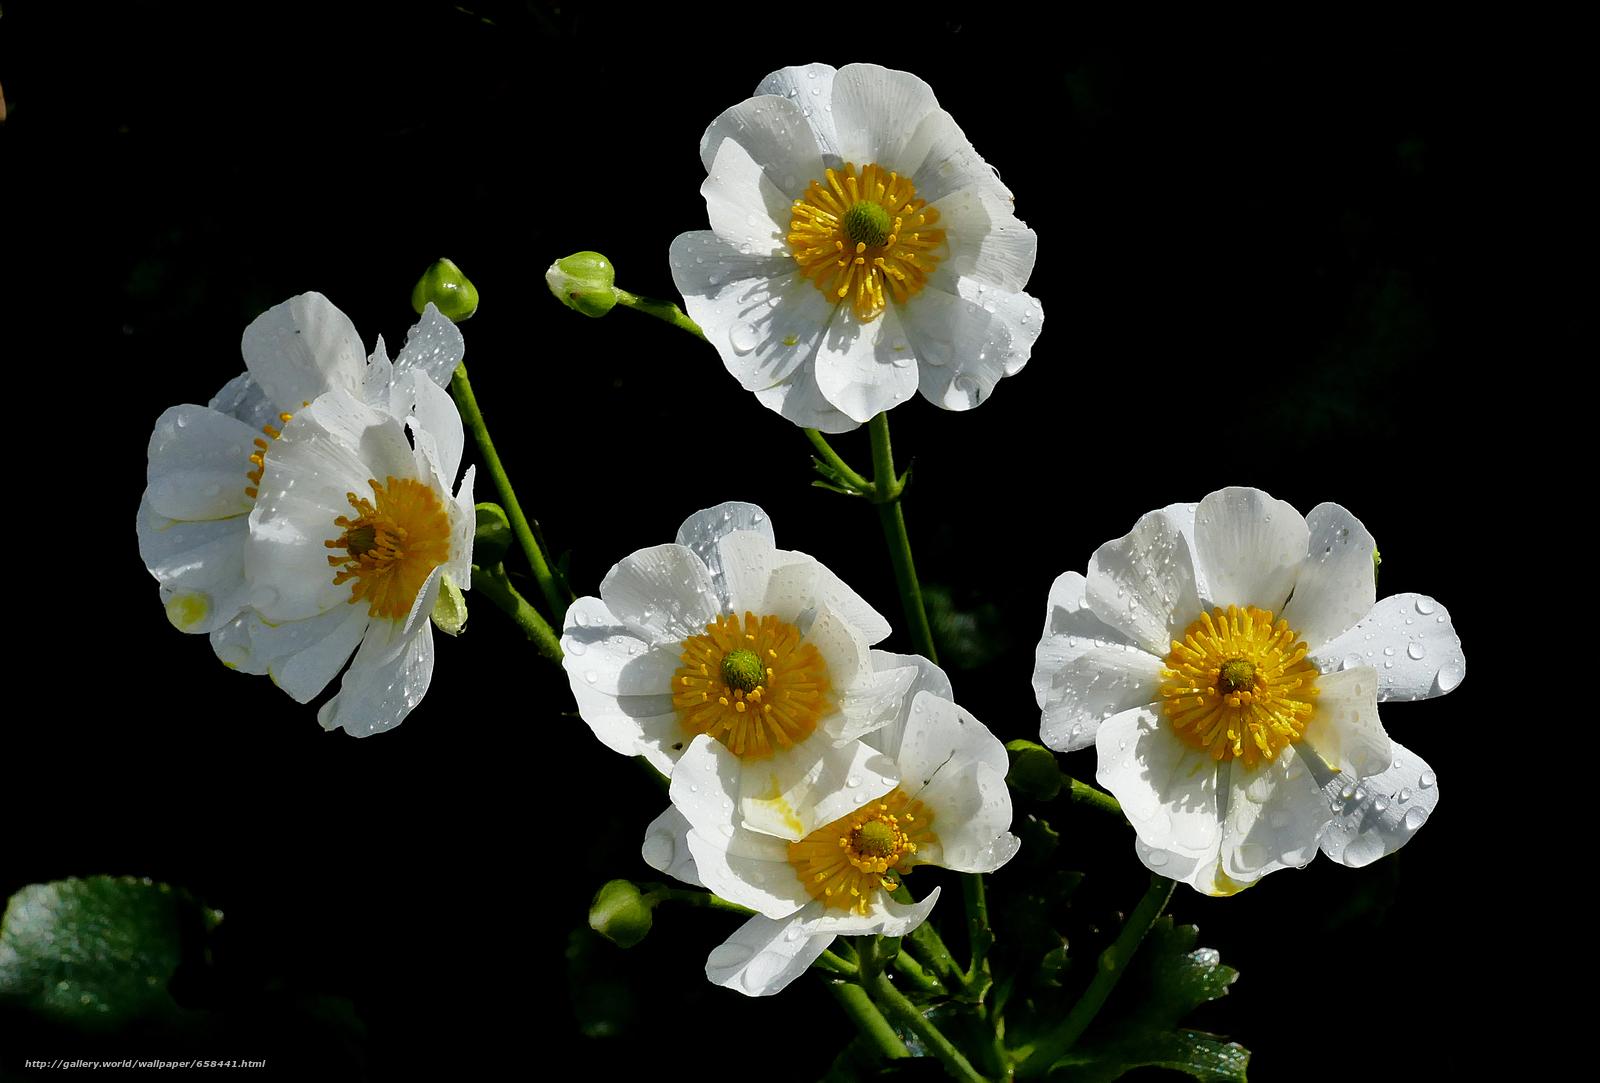 壁紙をダウンロード 花,  フラワーズ,  フローラ デスクトップの解像度のための無料壁紙 4000x2708 — 絵 №658441